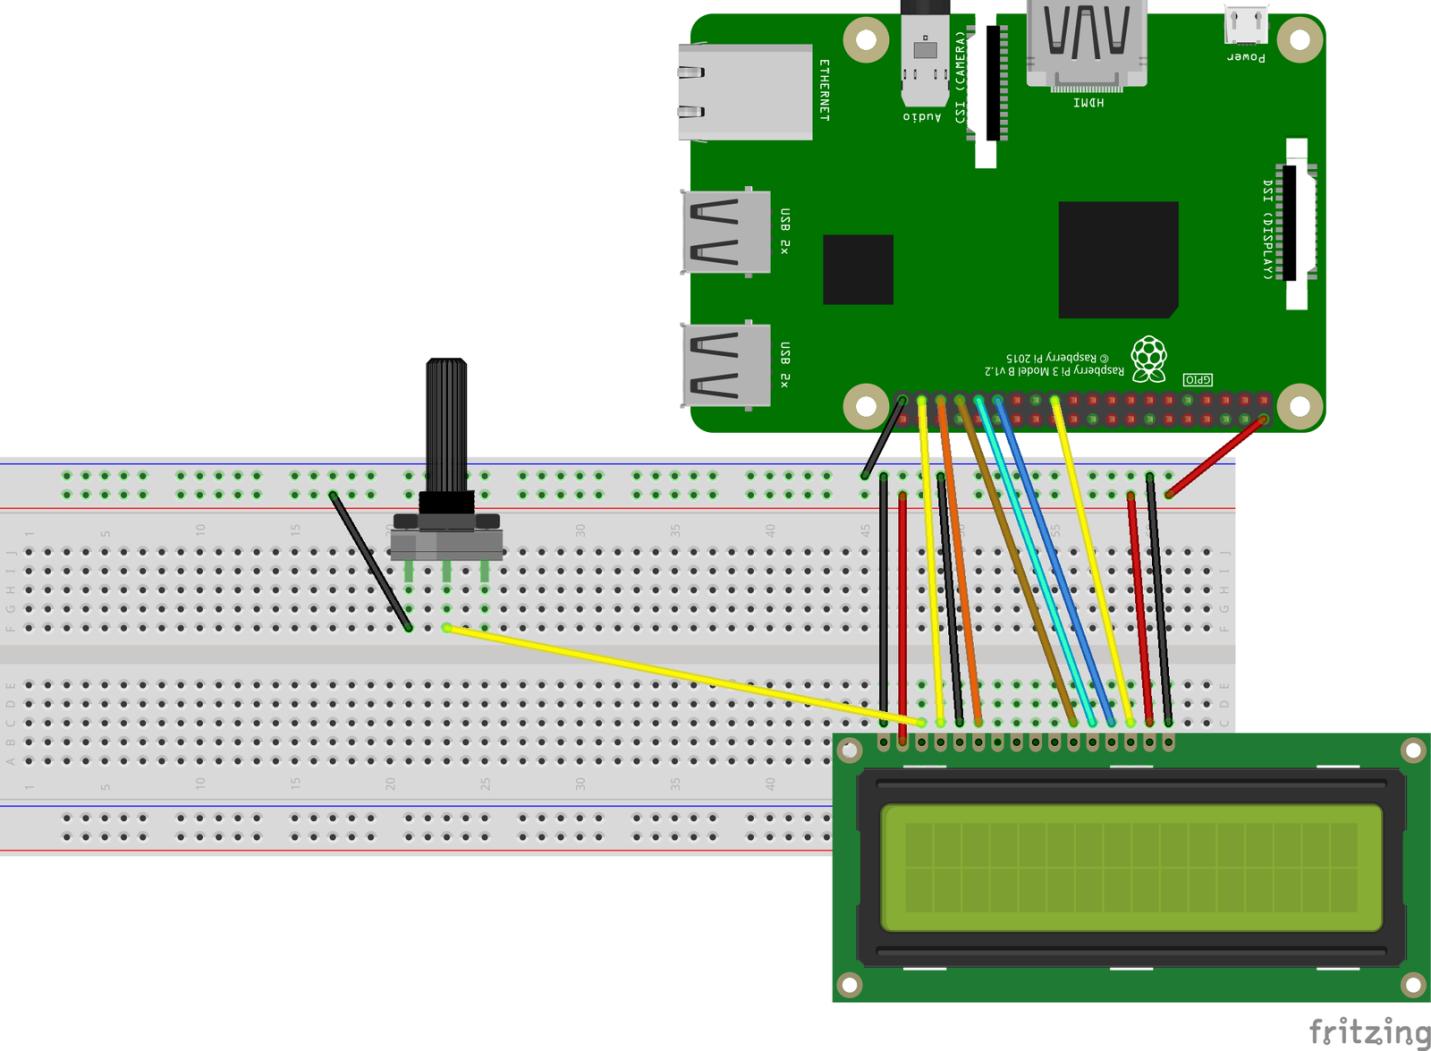 Мониторинг погоды с помощью Node.js, Raspberry Pi и LCD-дисплея - 6